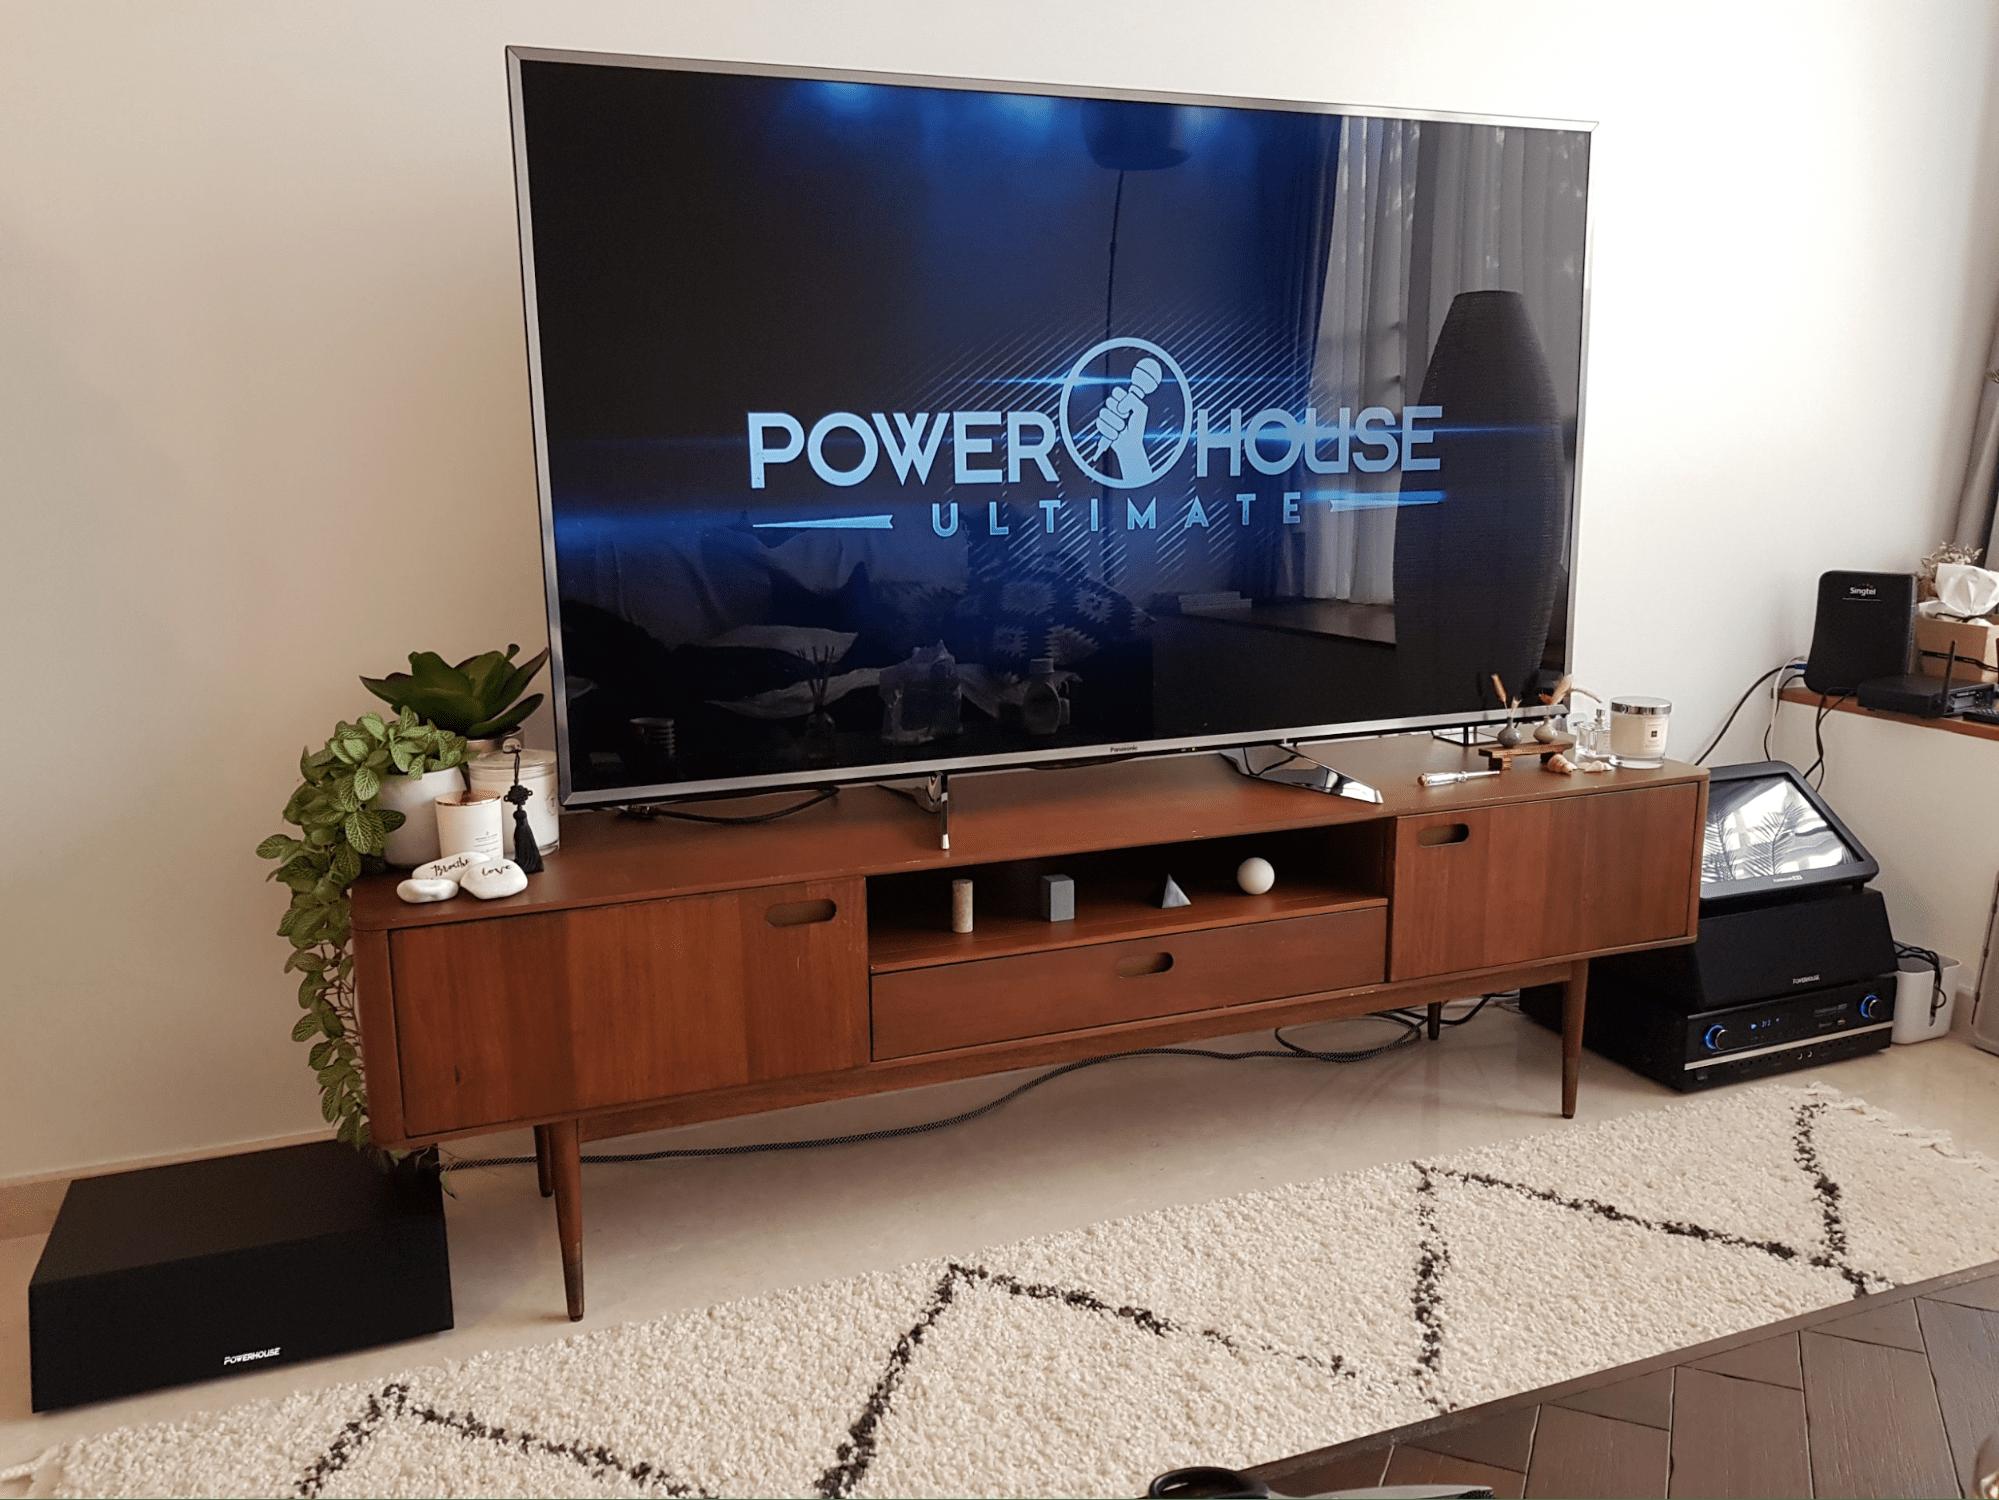 home karaoke system - Powerhouse Home Karaoke